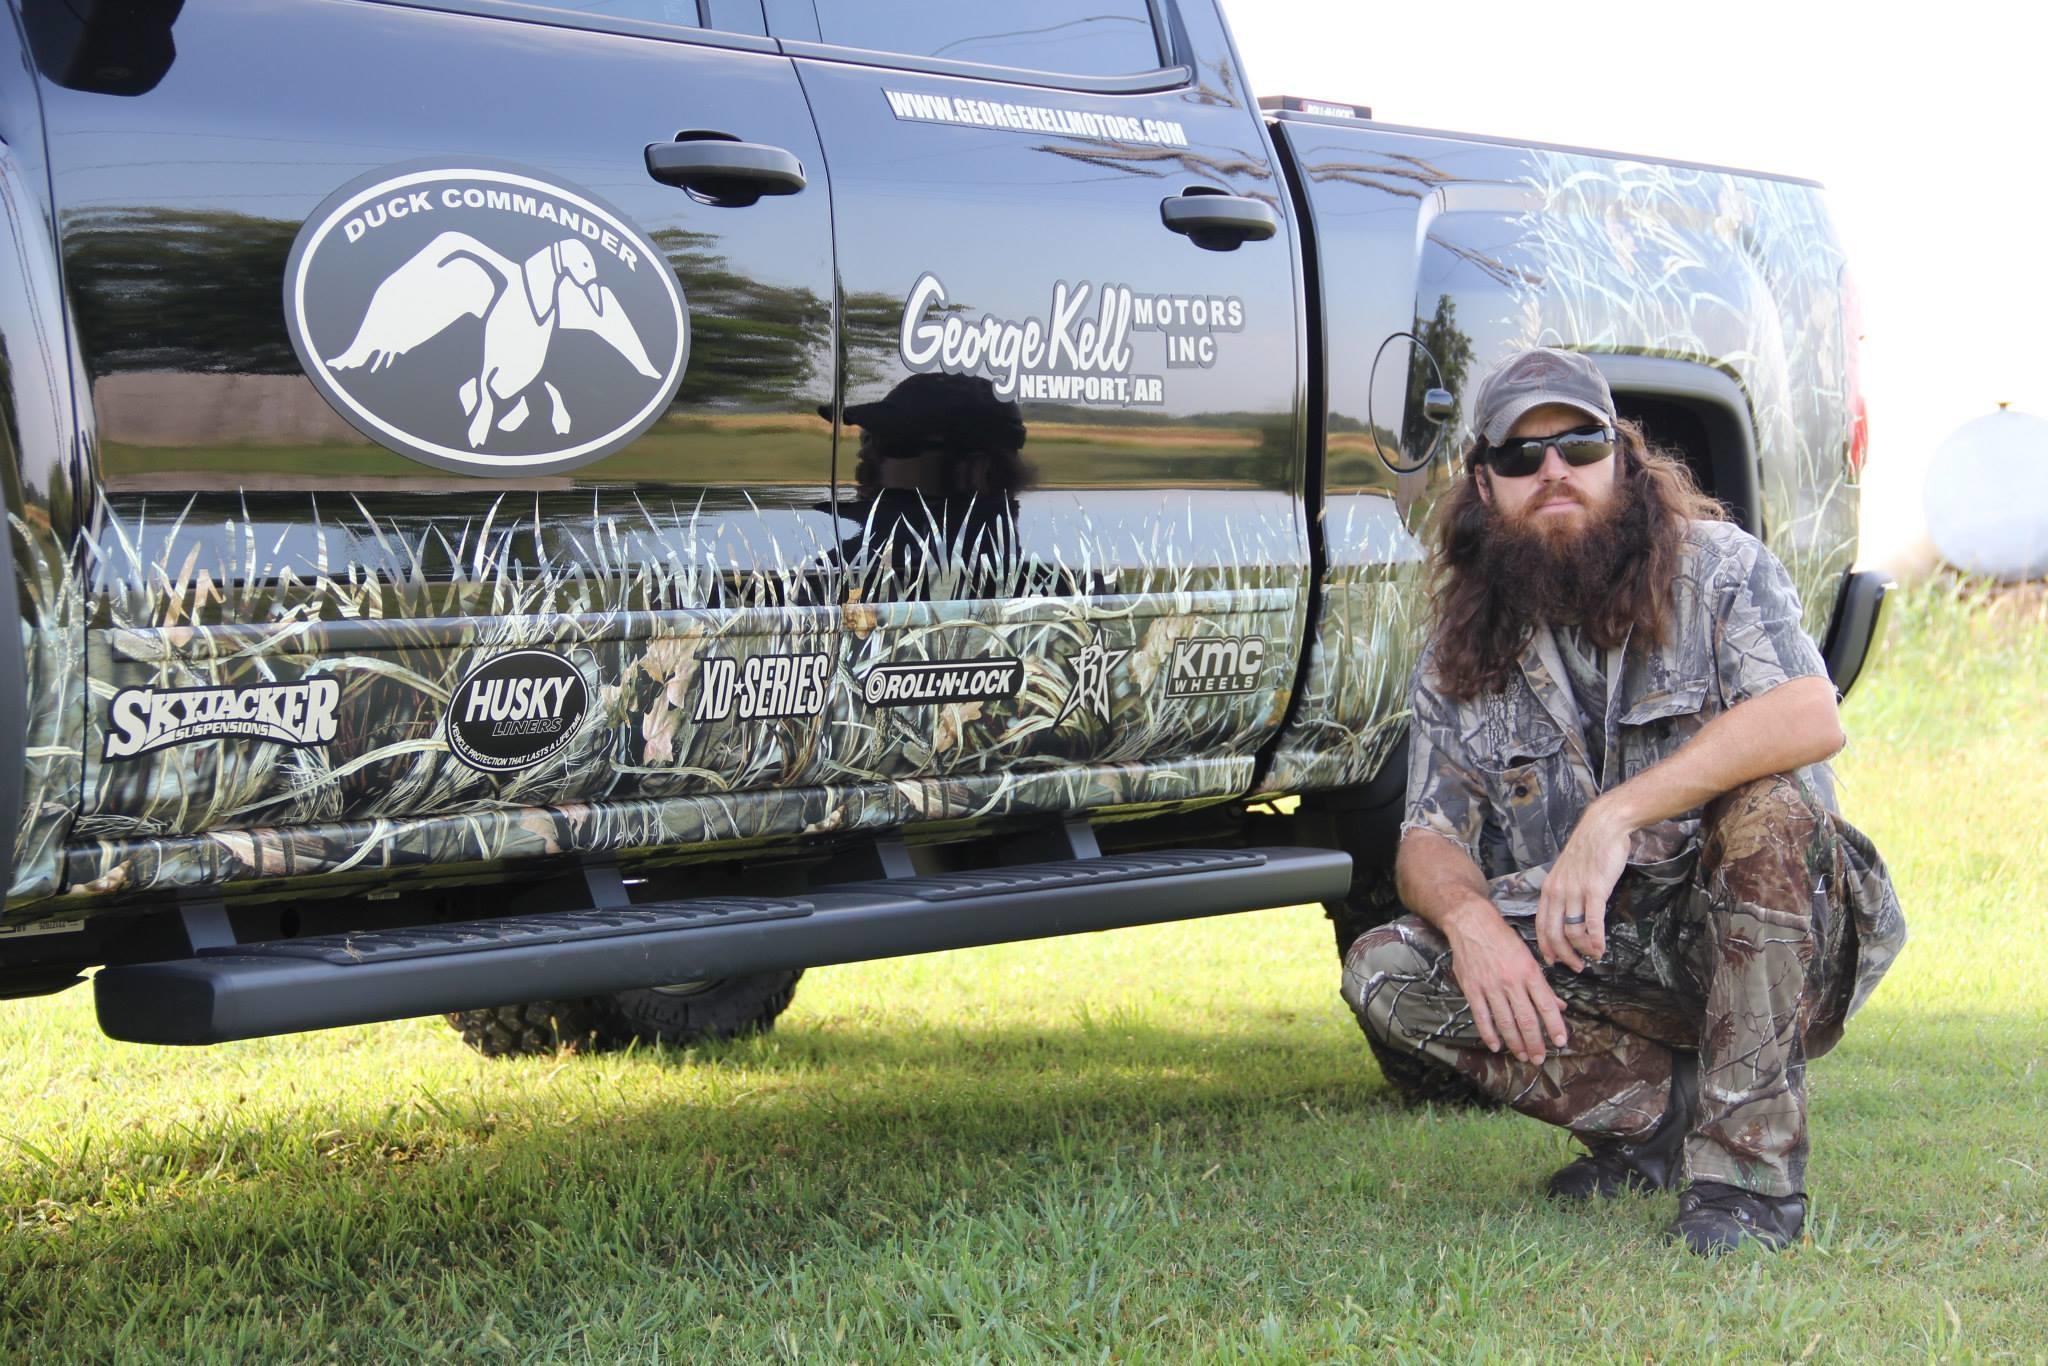 George Kell Motors Inc In Newport Arkansas 72112 870